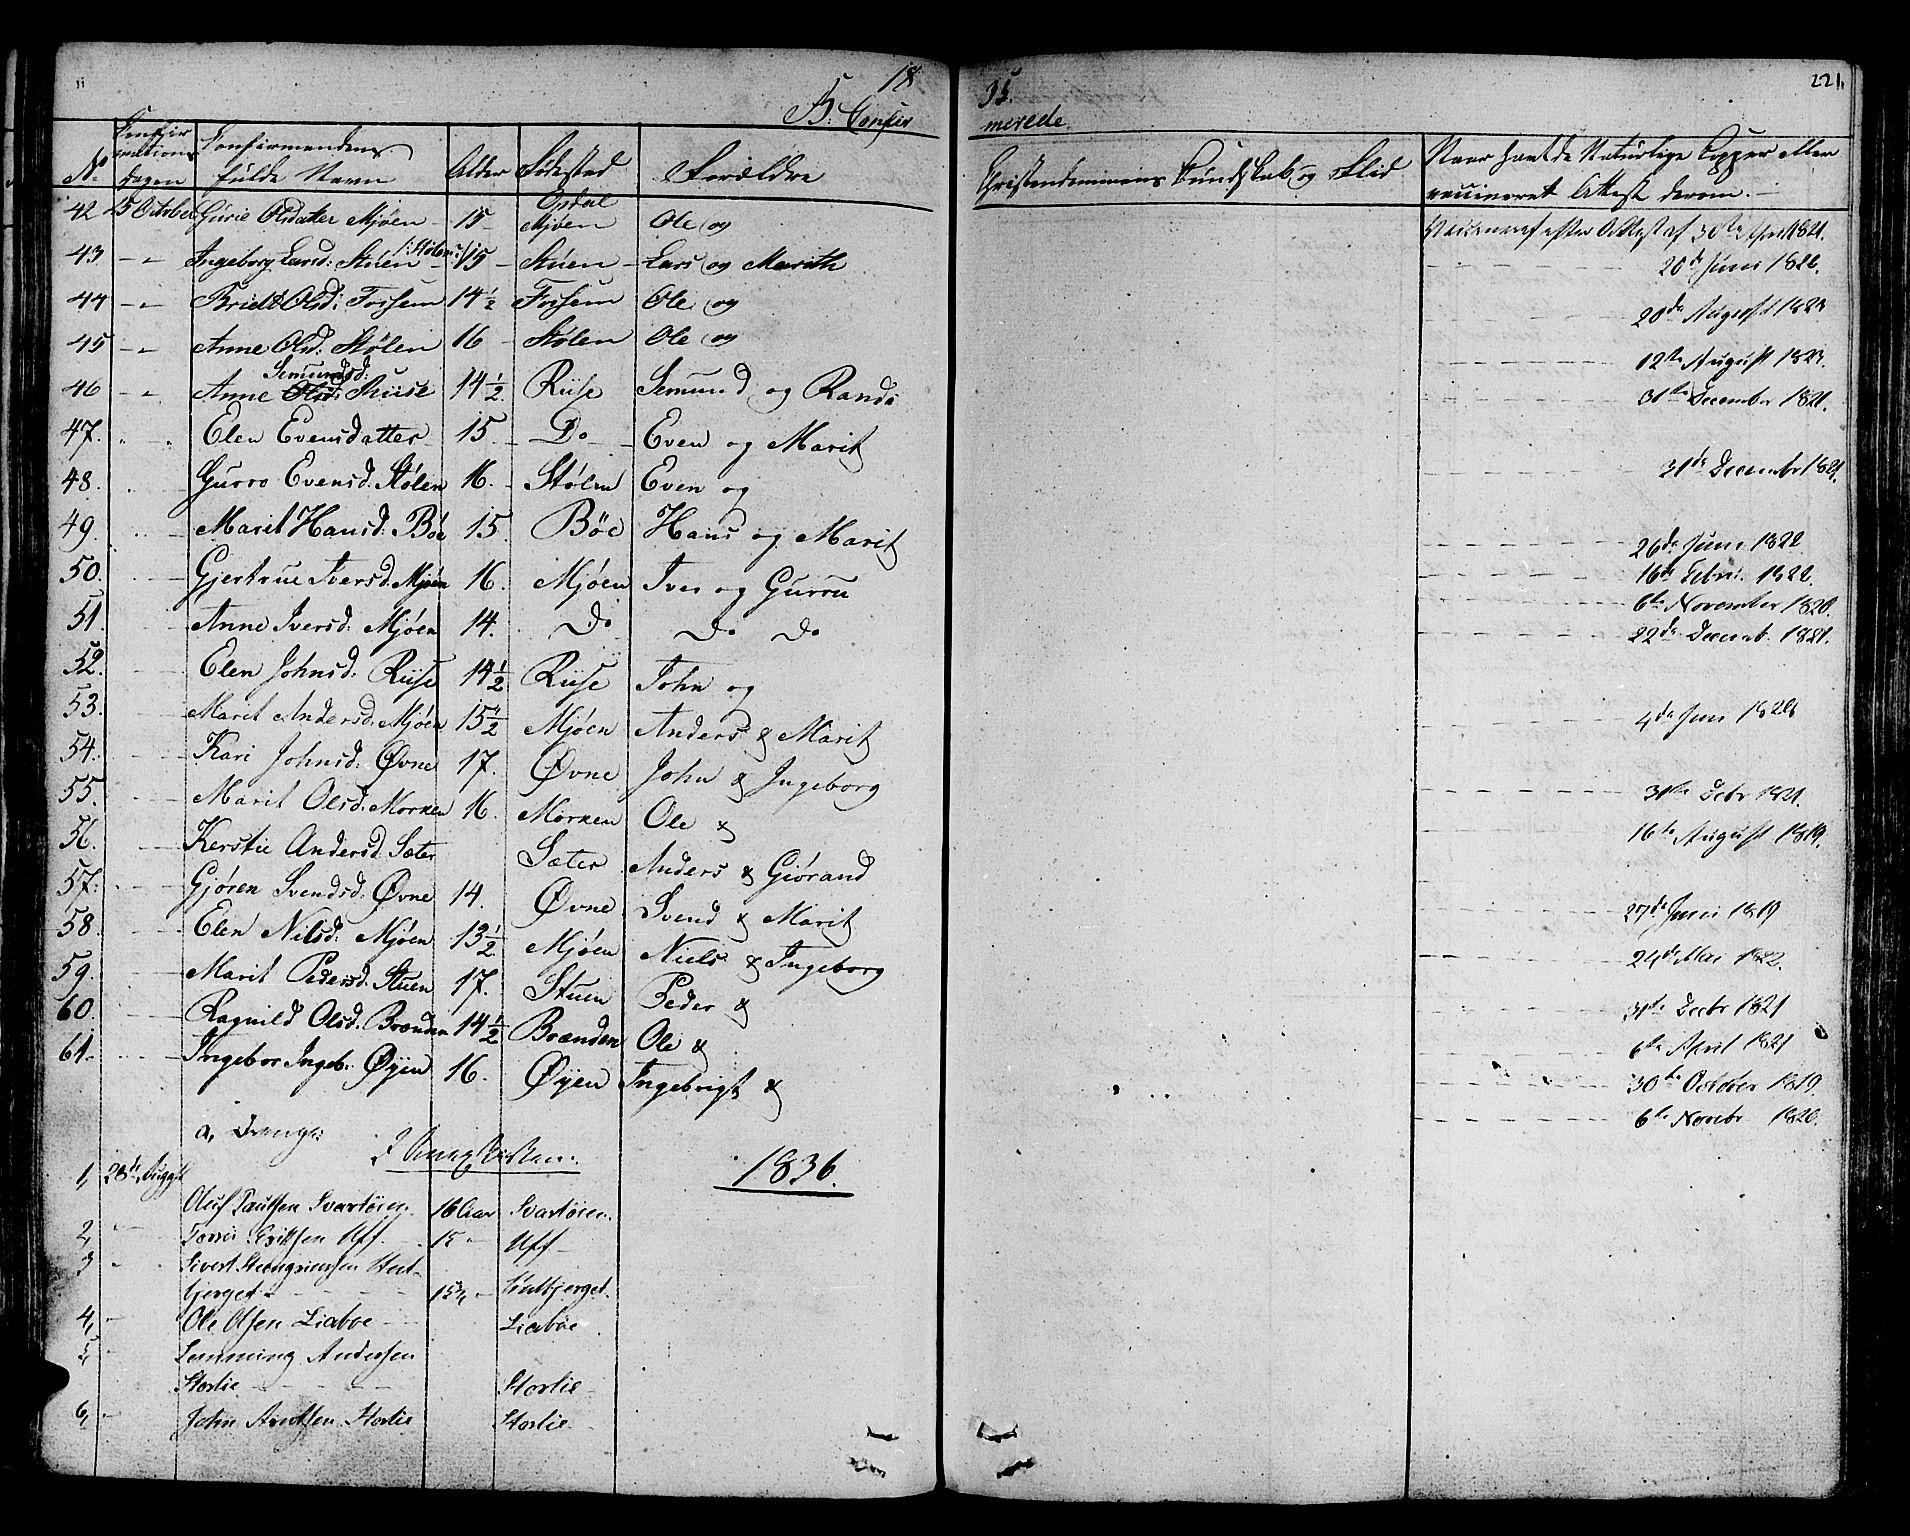 SAT, Ministerialprotokoller, klokkerbøker og fødselsregistre - Sør-Trøndelag, 678/L0897: Ministerialbok nr. 678A06-07, 1821-1847, s. 221